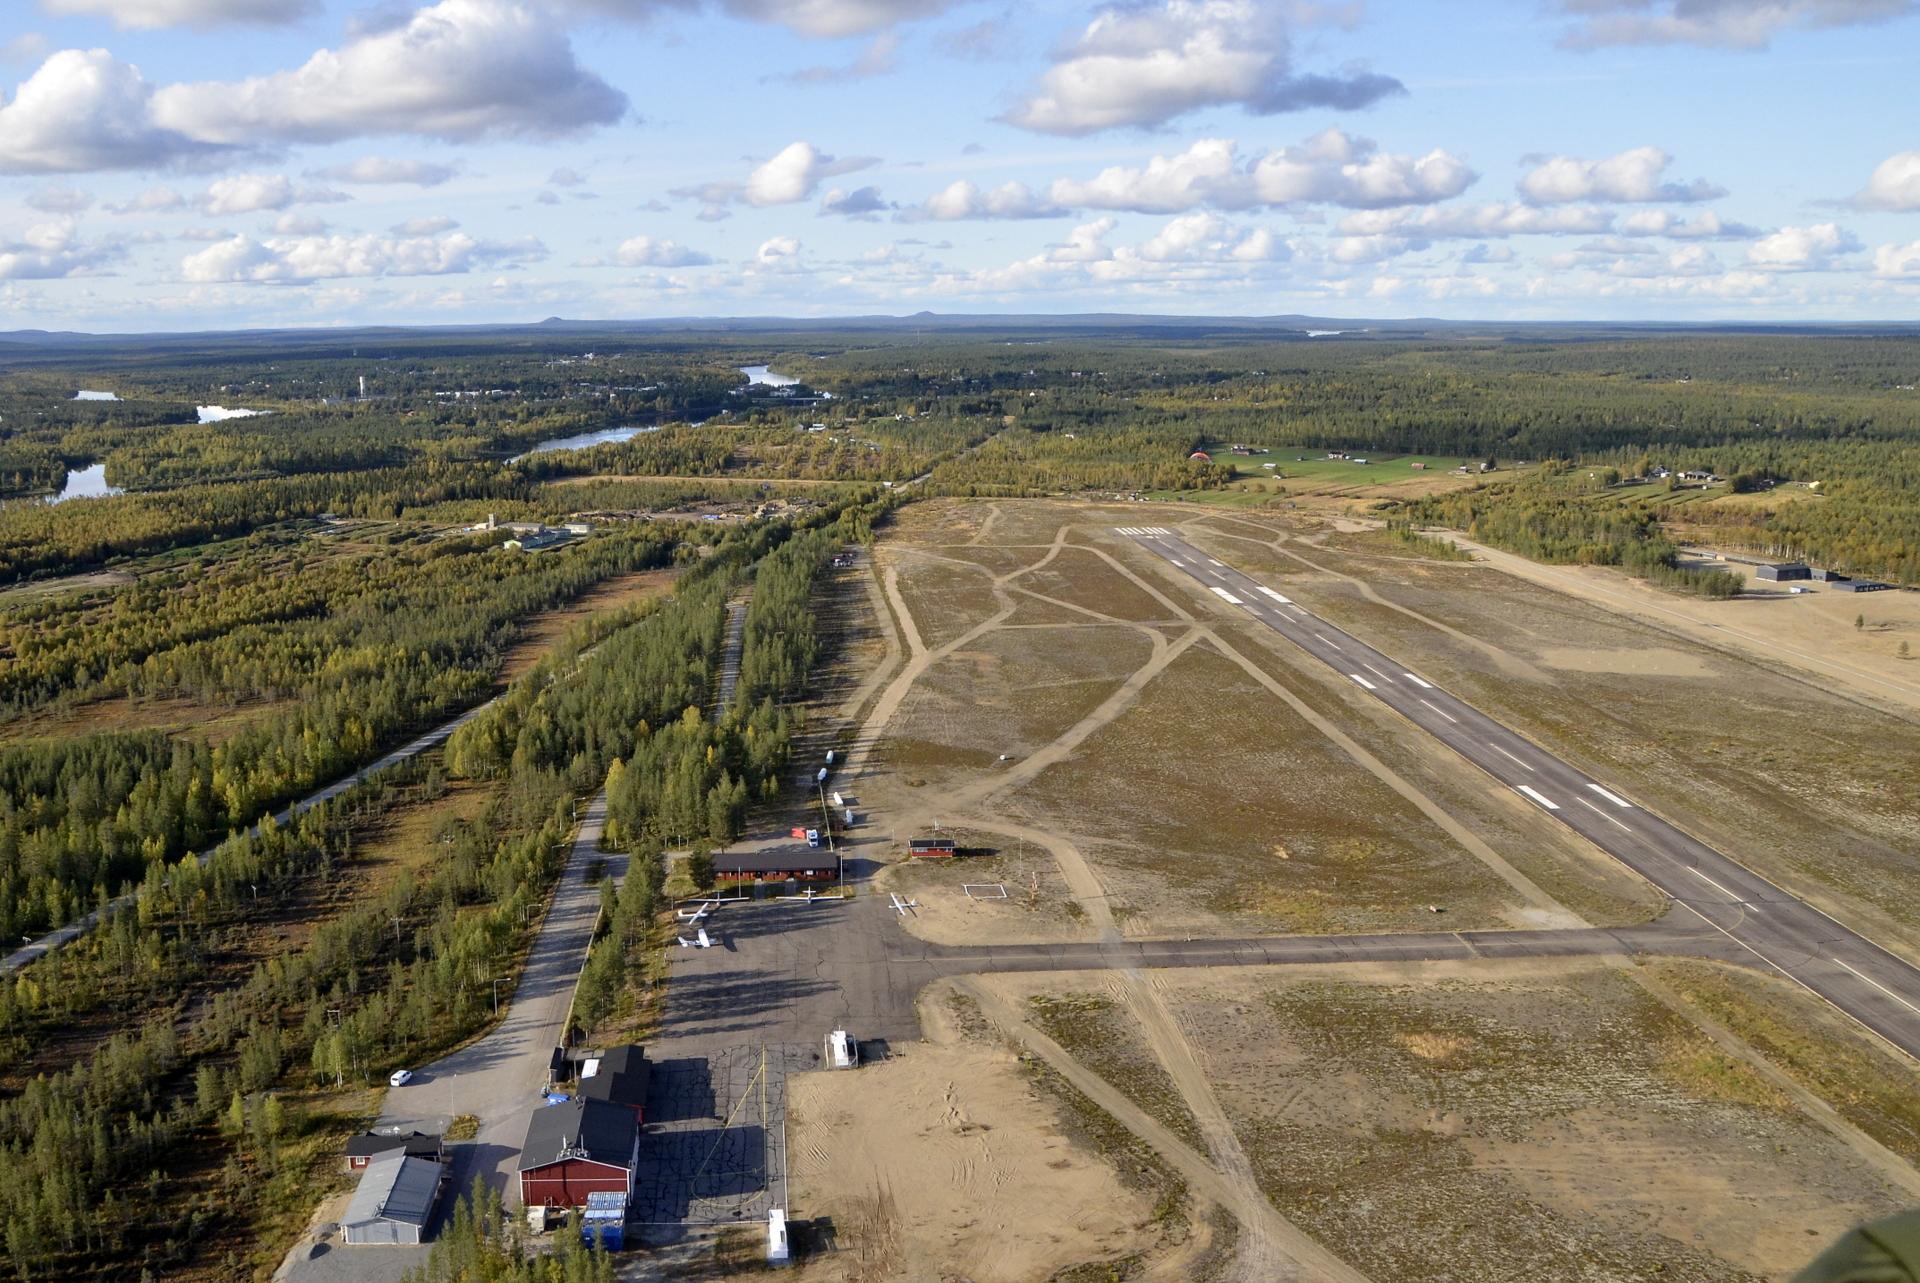 Sodankylän lentokenttä syyskuussa. Kahden vuorokauden jälkeen olimme Nuorgamissa.